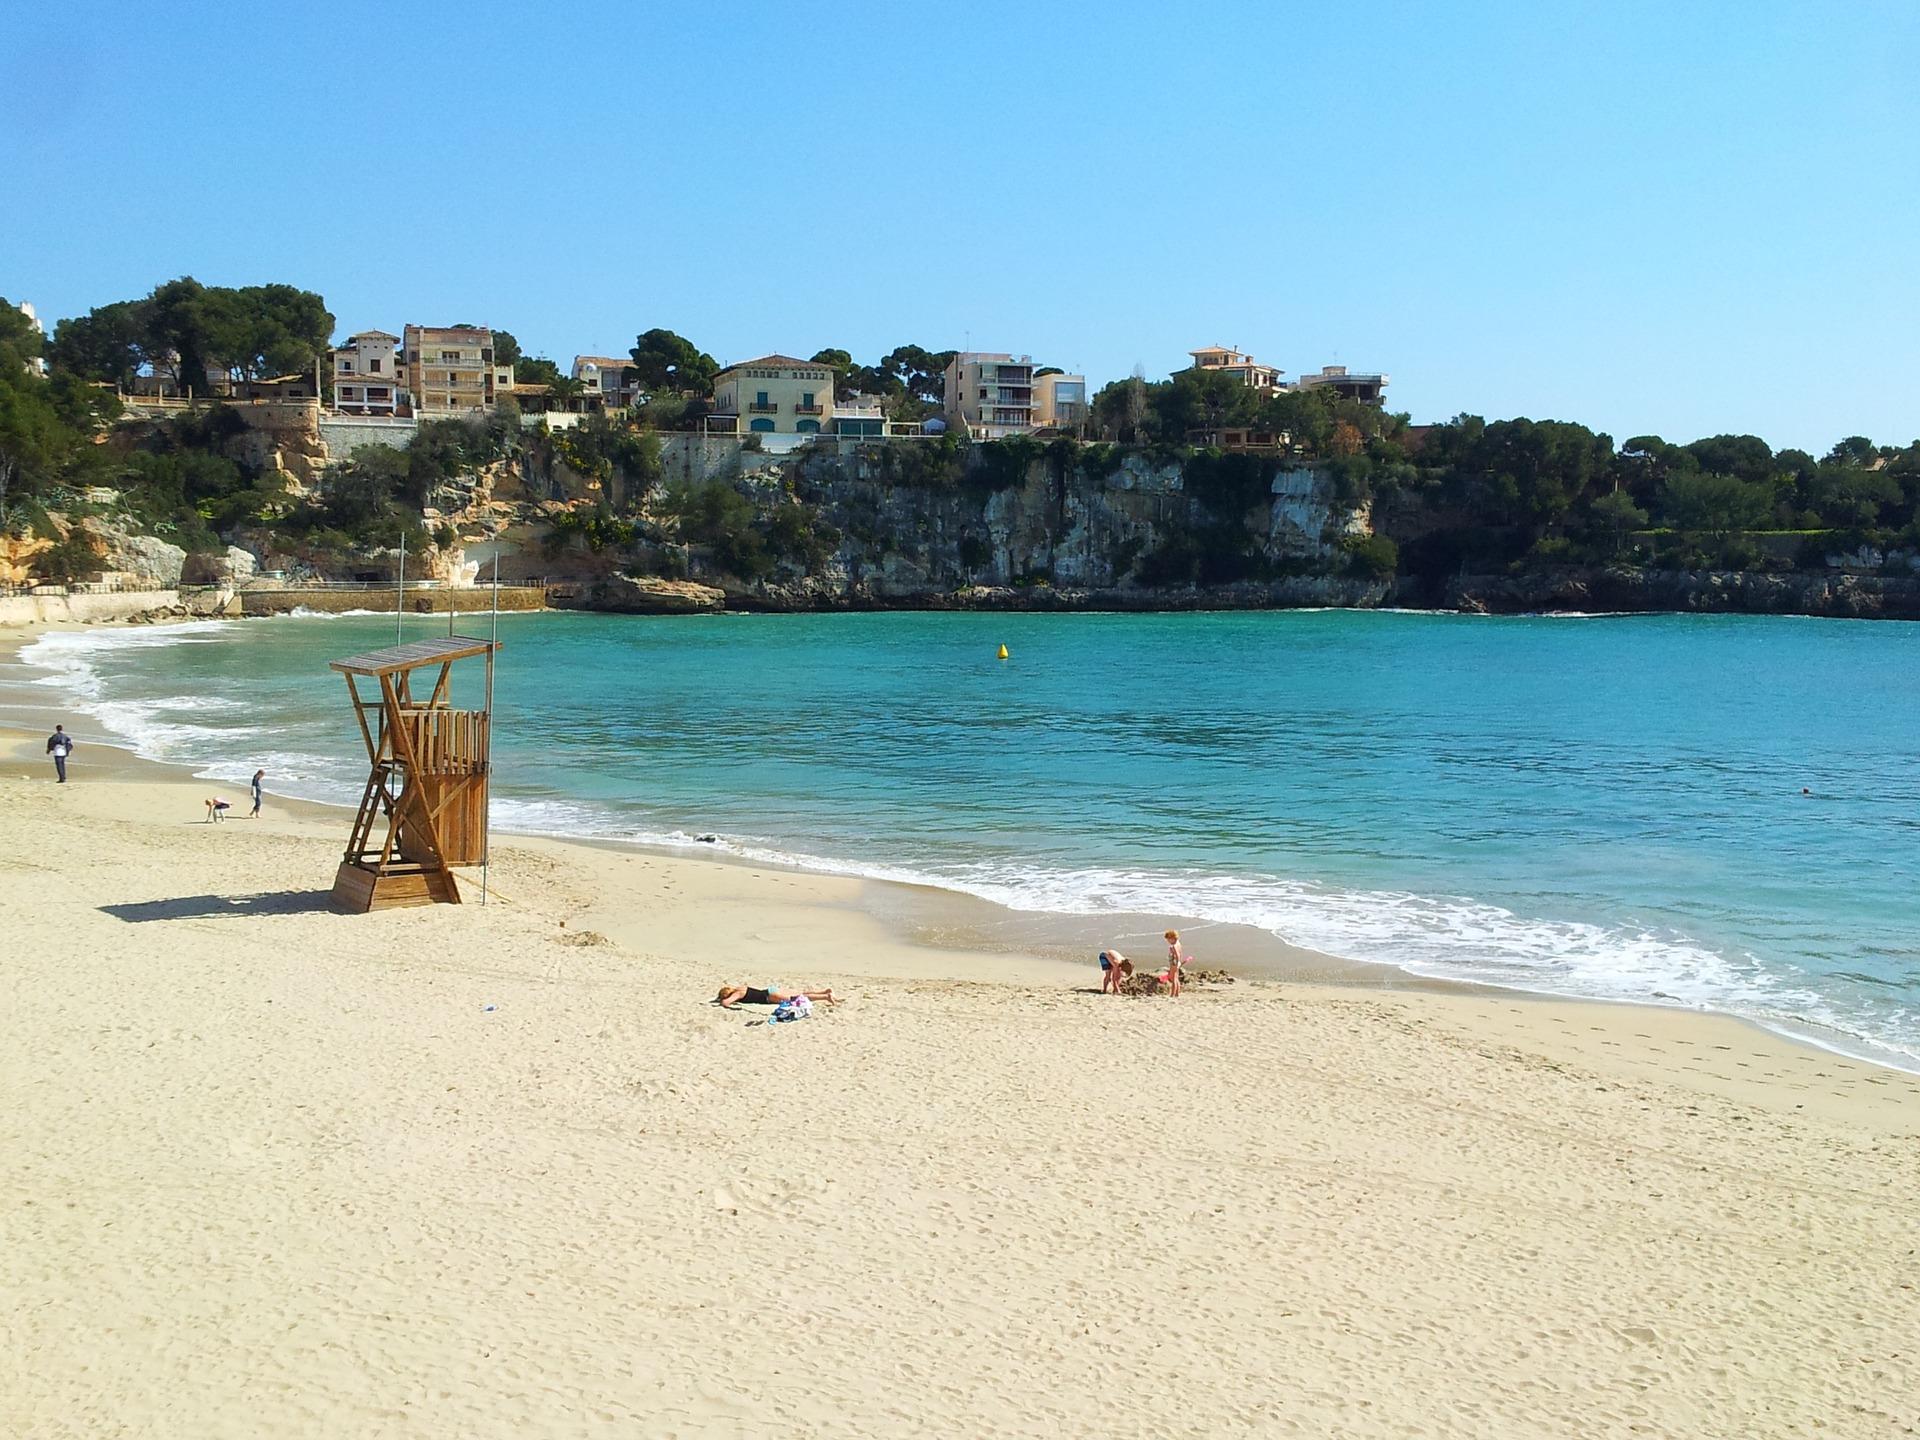 beach-695095_1920.jpg